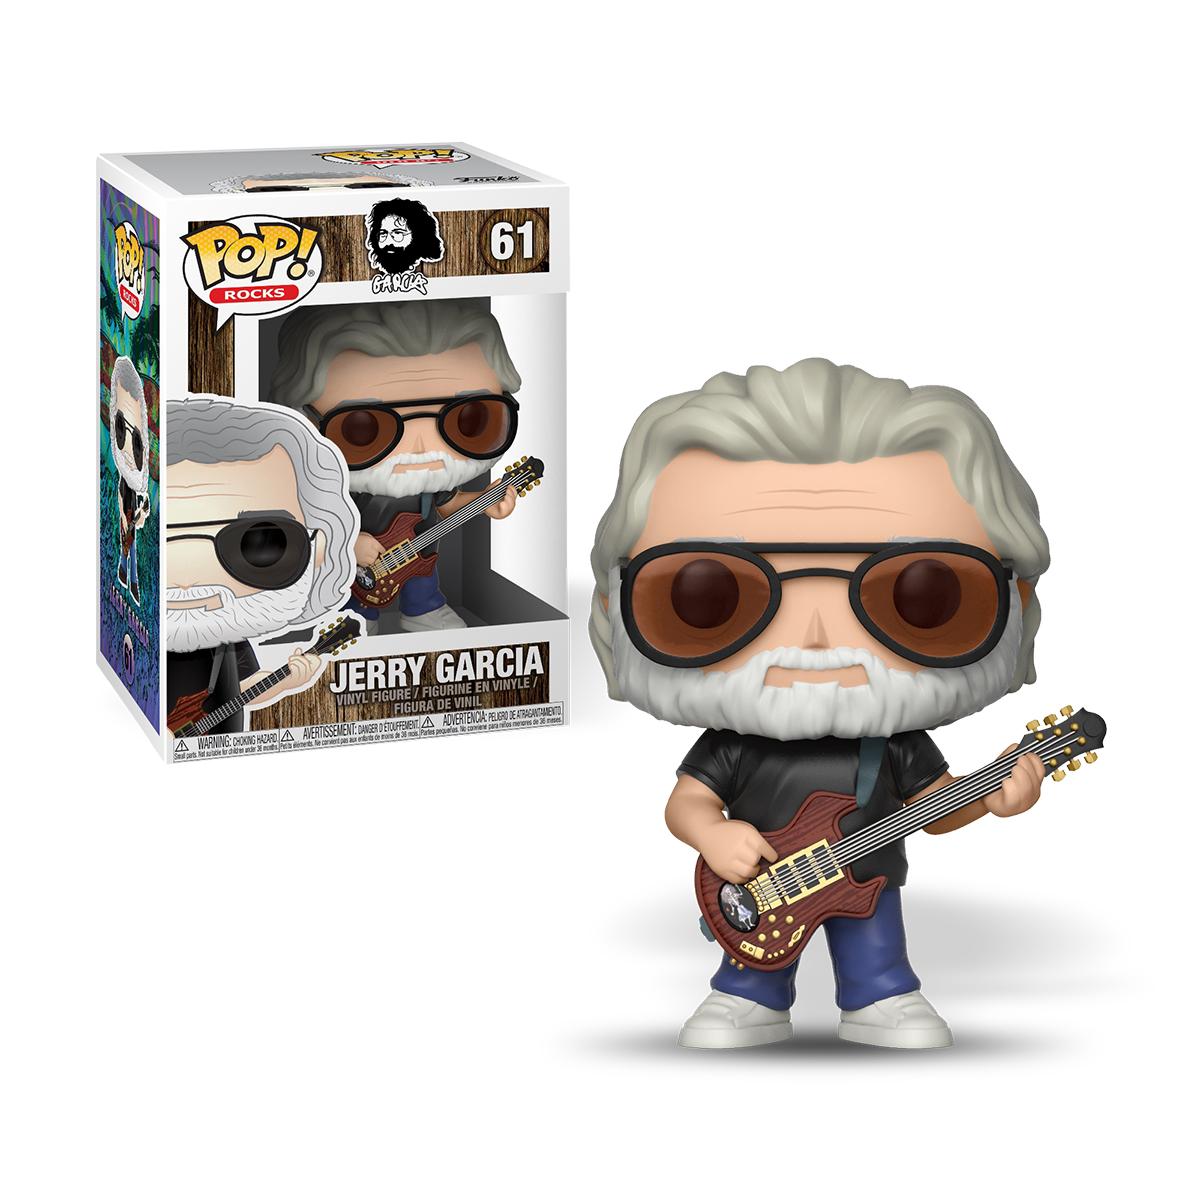 Jerry Garcia Funko Pop! Rocks Vinyl Figure